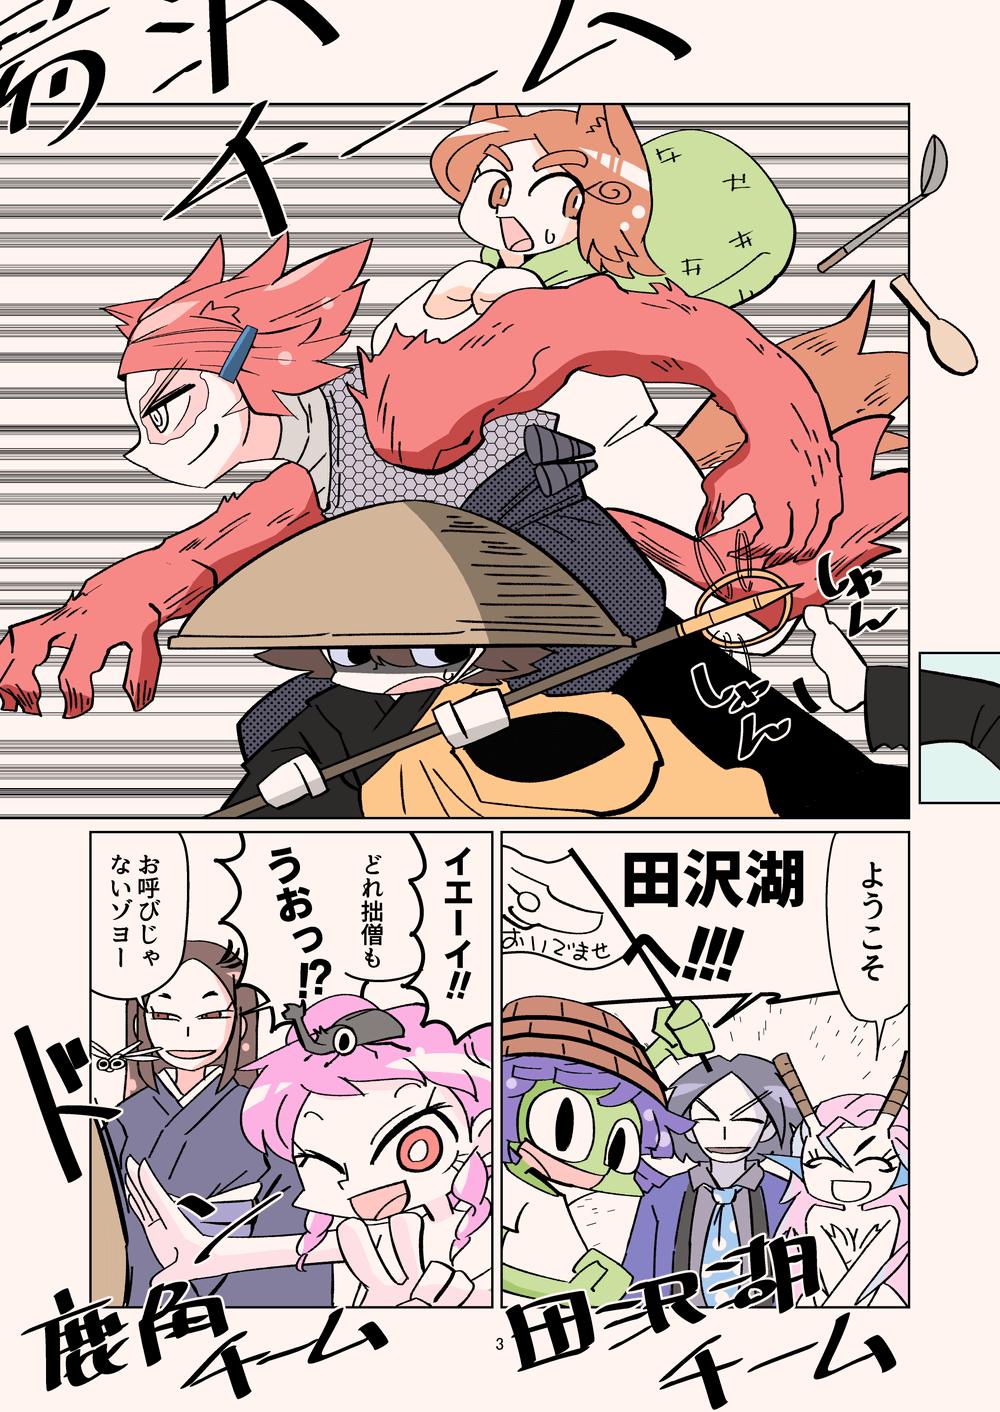 神セカト_003